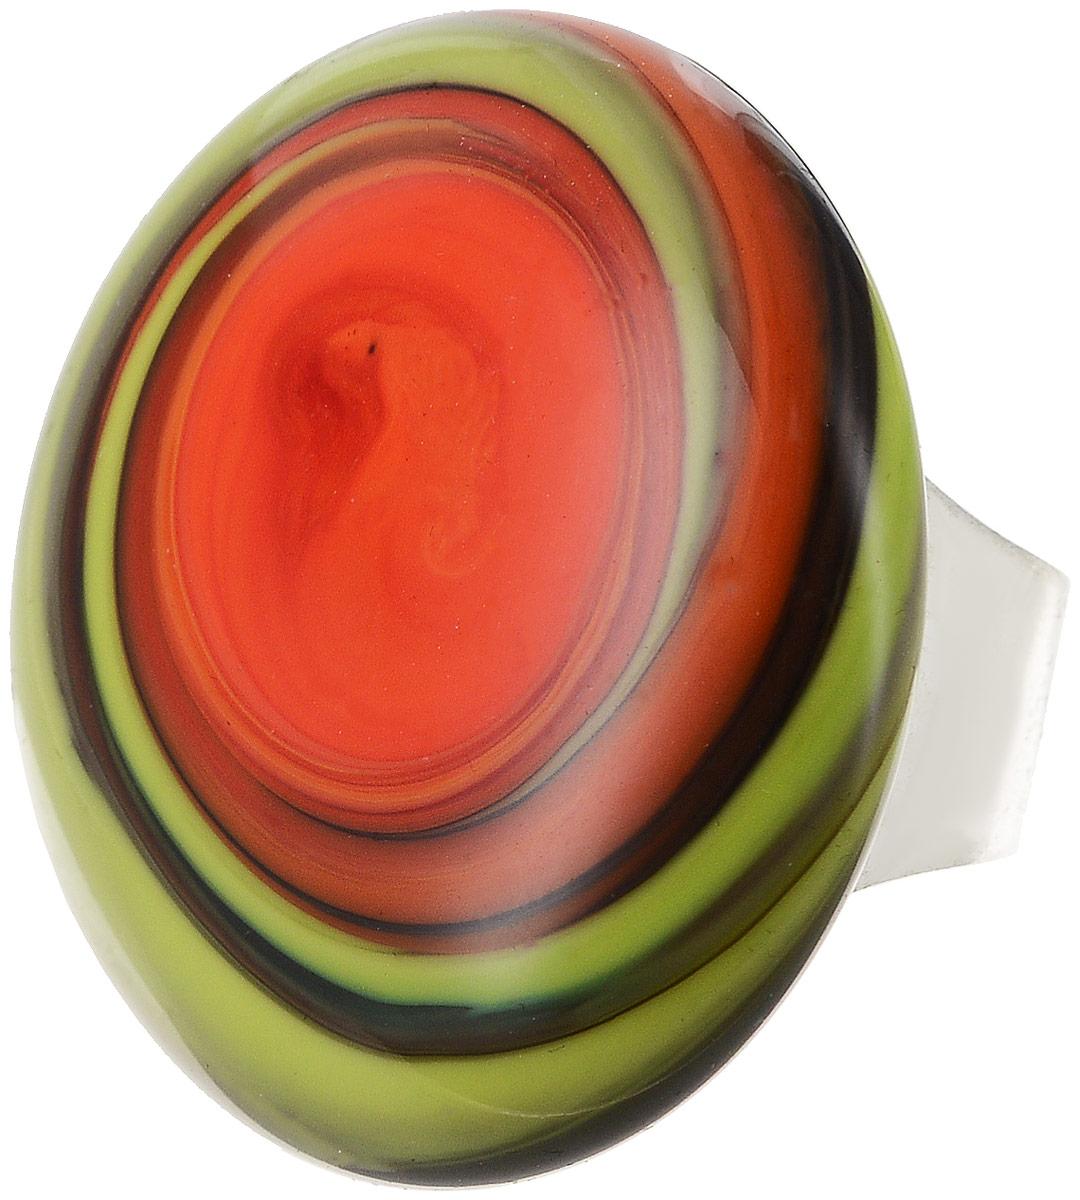 Кольцо коктейльное Лето. Муранское стекло, бижутерный сплав серебряного тона, ручная работа. Murano, Италия (Венеция)Коктейльное кольцоКольцо коктейльное Лето.Муранское стекло, бижутерный сплав серебряного тона, ручная работа.Murano, Италия (Венеция).Размер регулируется.Каждое изделие из муранского стекла уникально и может незначительно отличаться от того, что вы видите на фотографии.